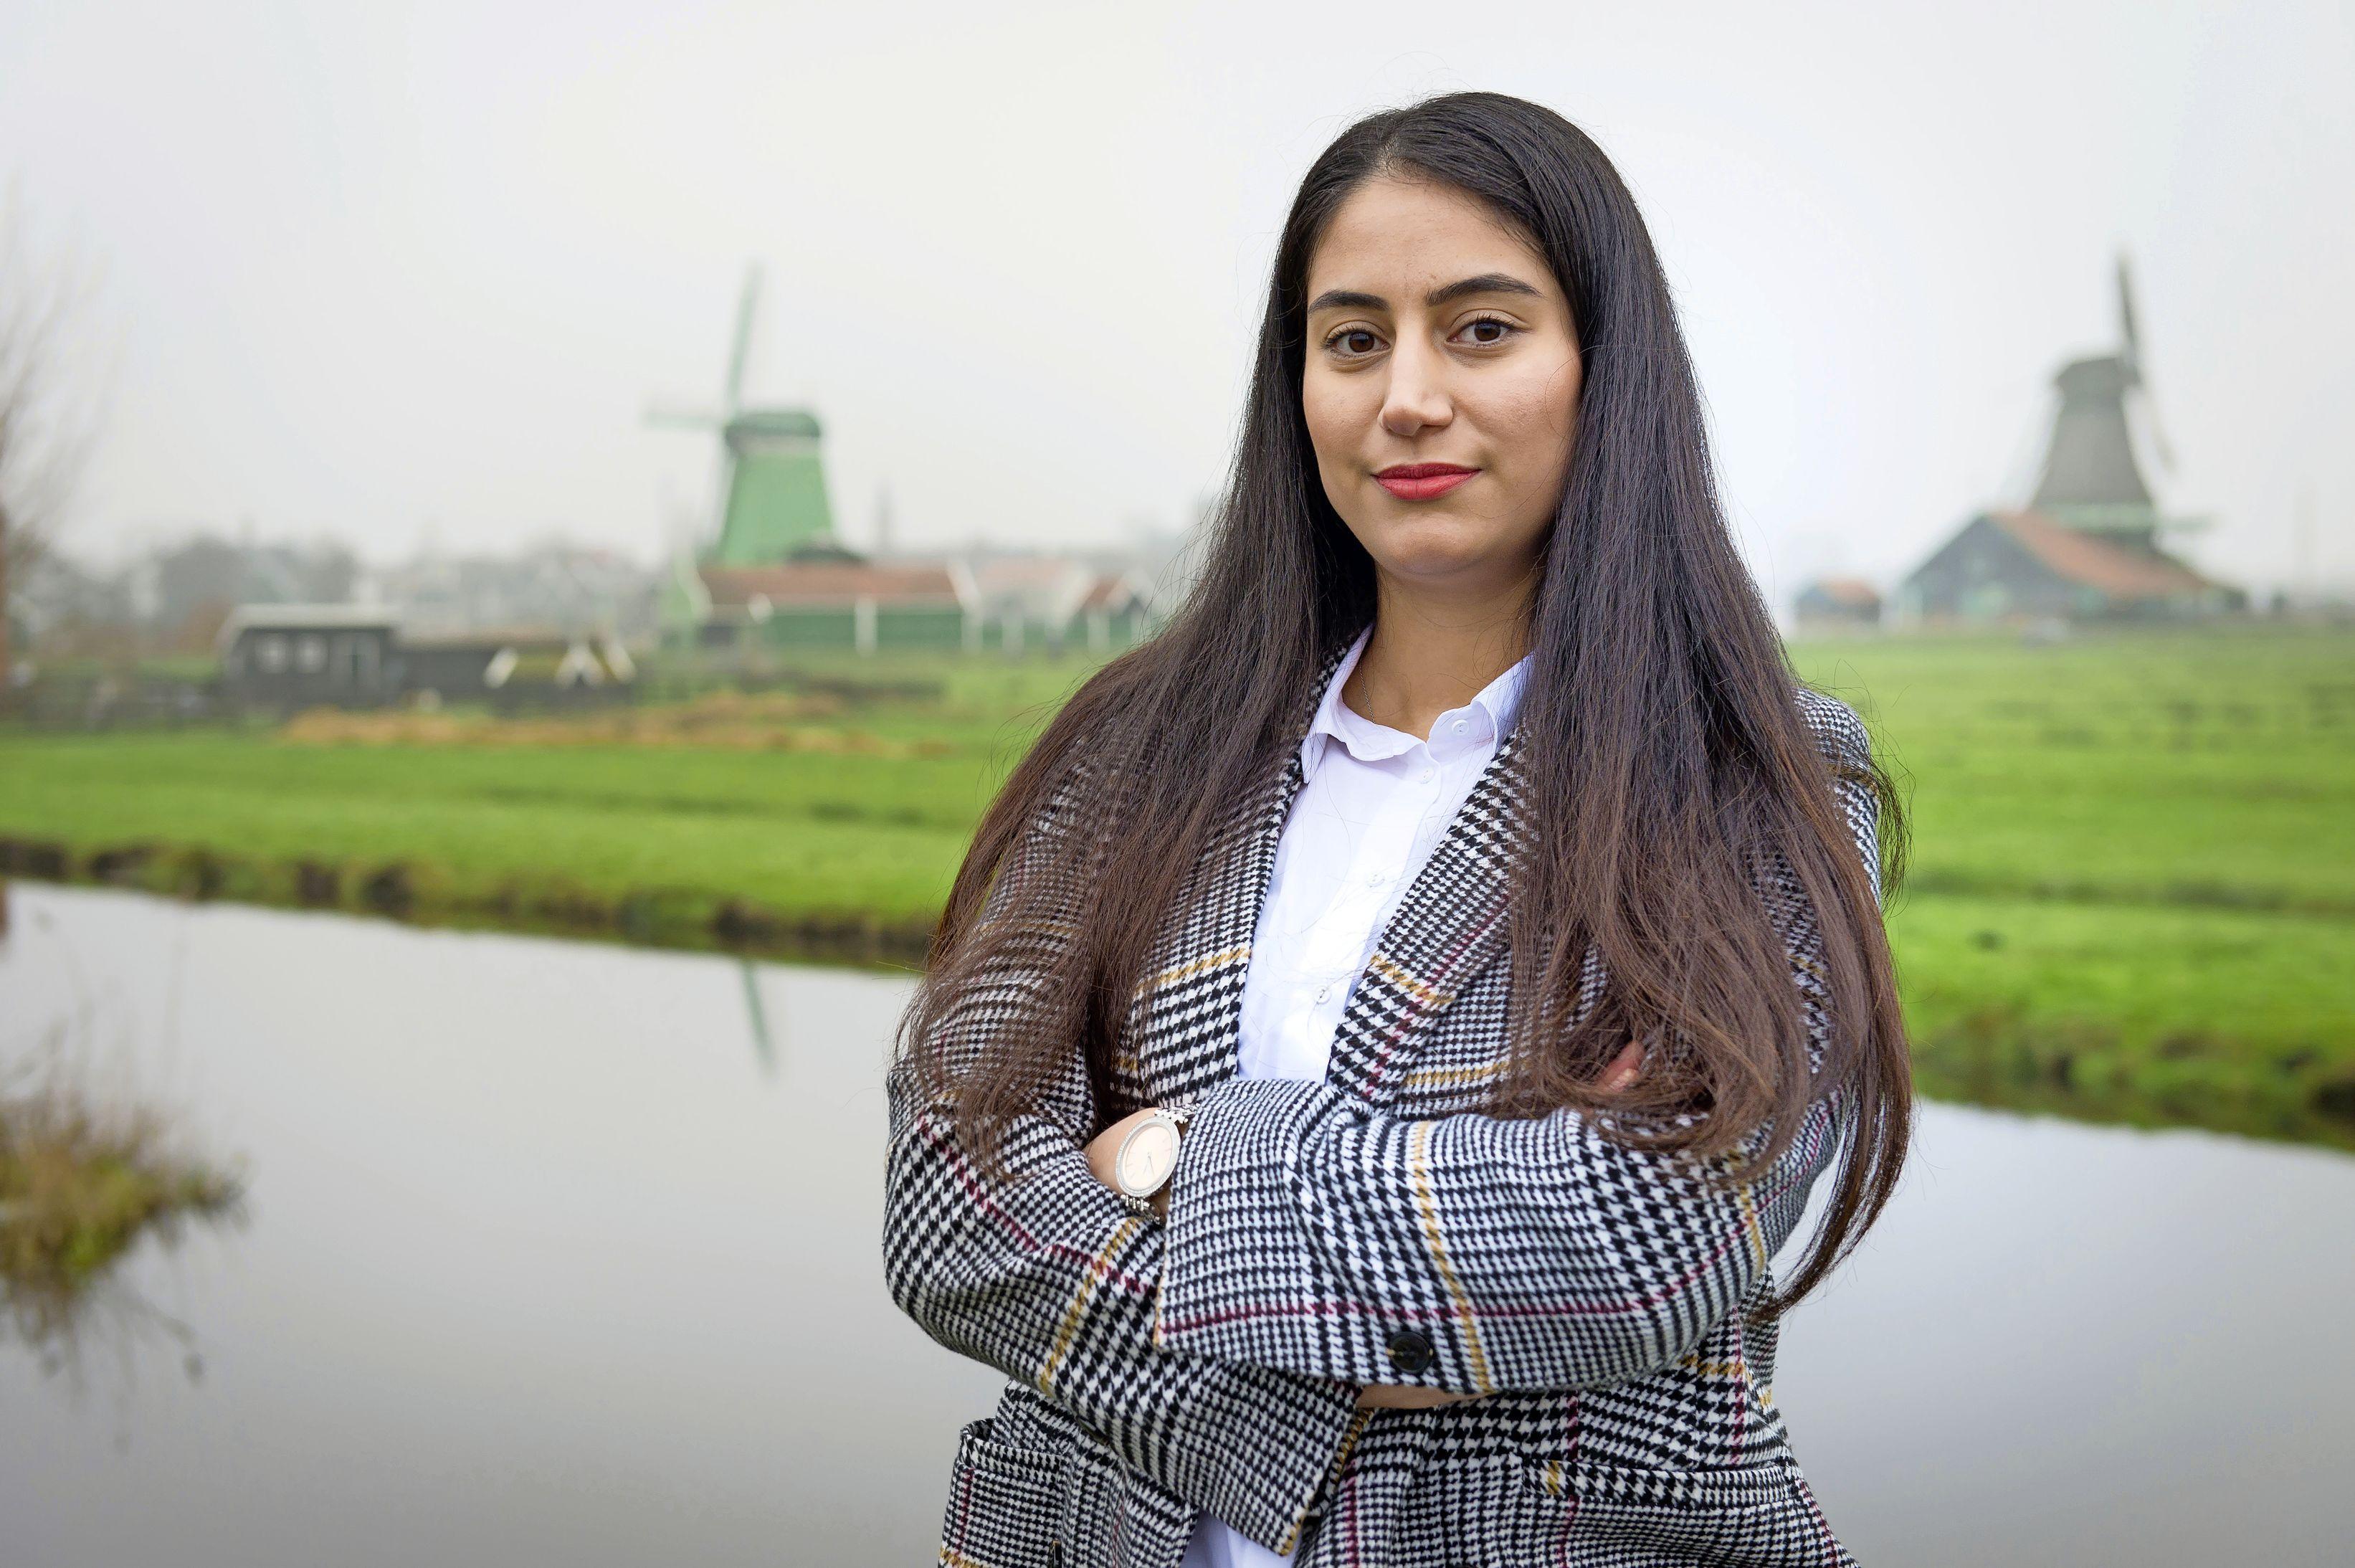 Denk Zaanstad: Poelenburg wordt verwaarloosd, geen investeringen en geen banen